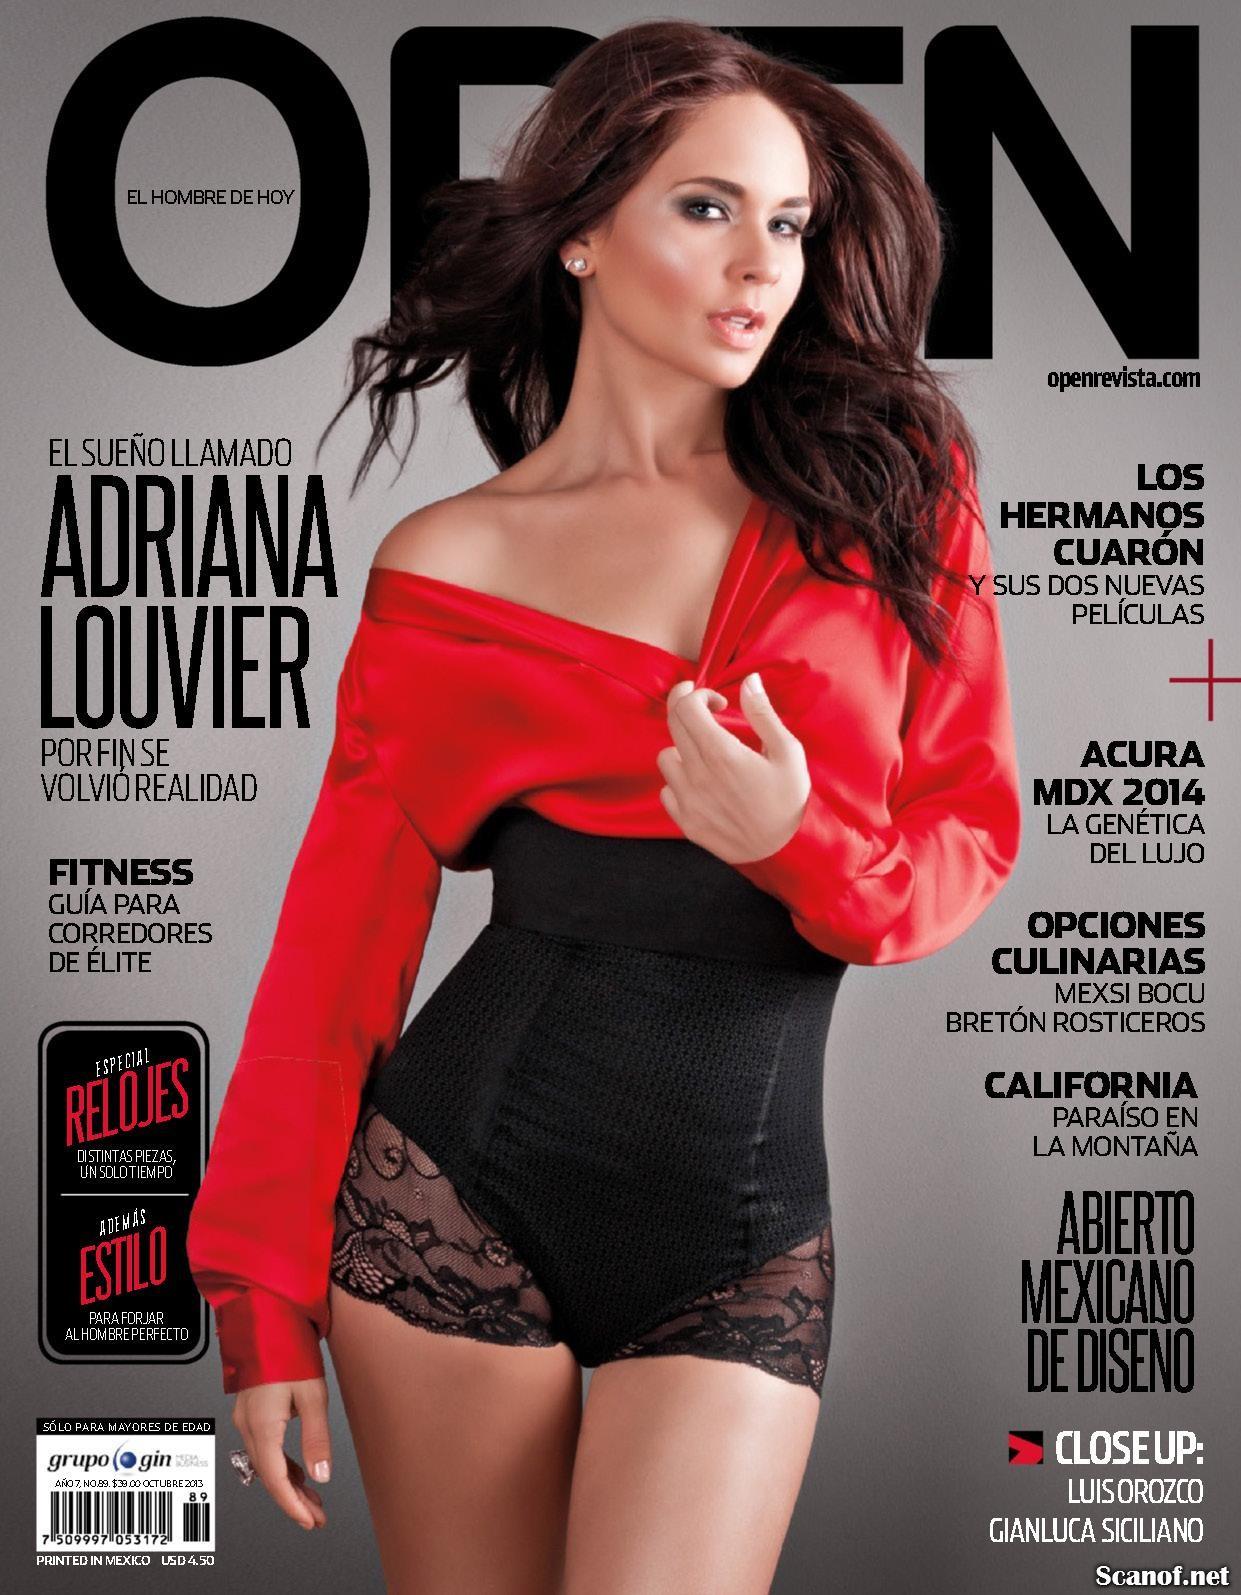 Adriana Louvier famosas follando